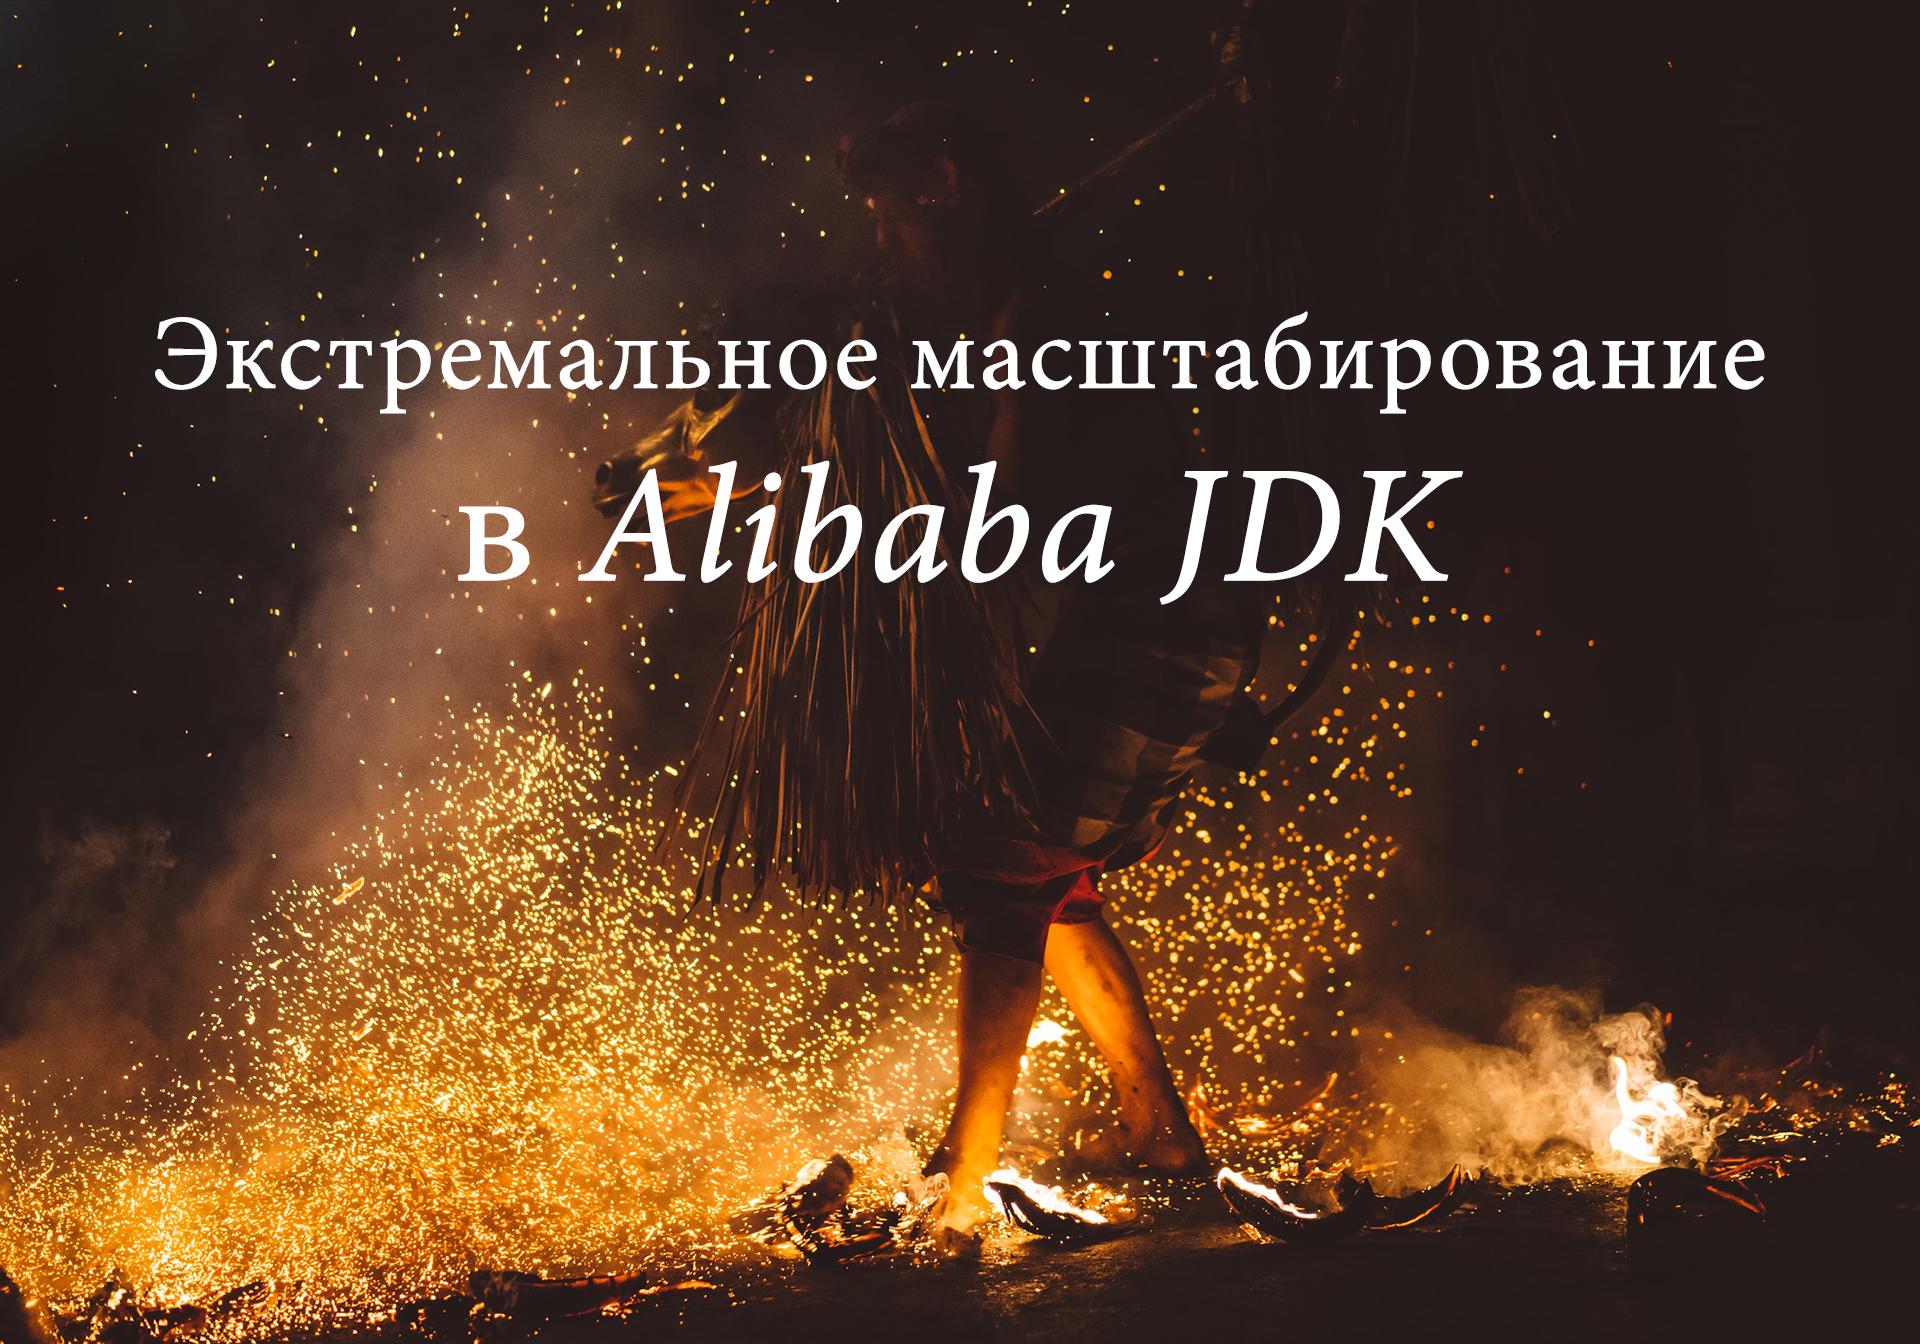 Экстремальное машстабирование в Alibaba JDK